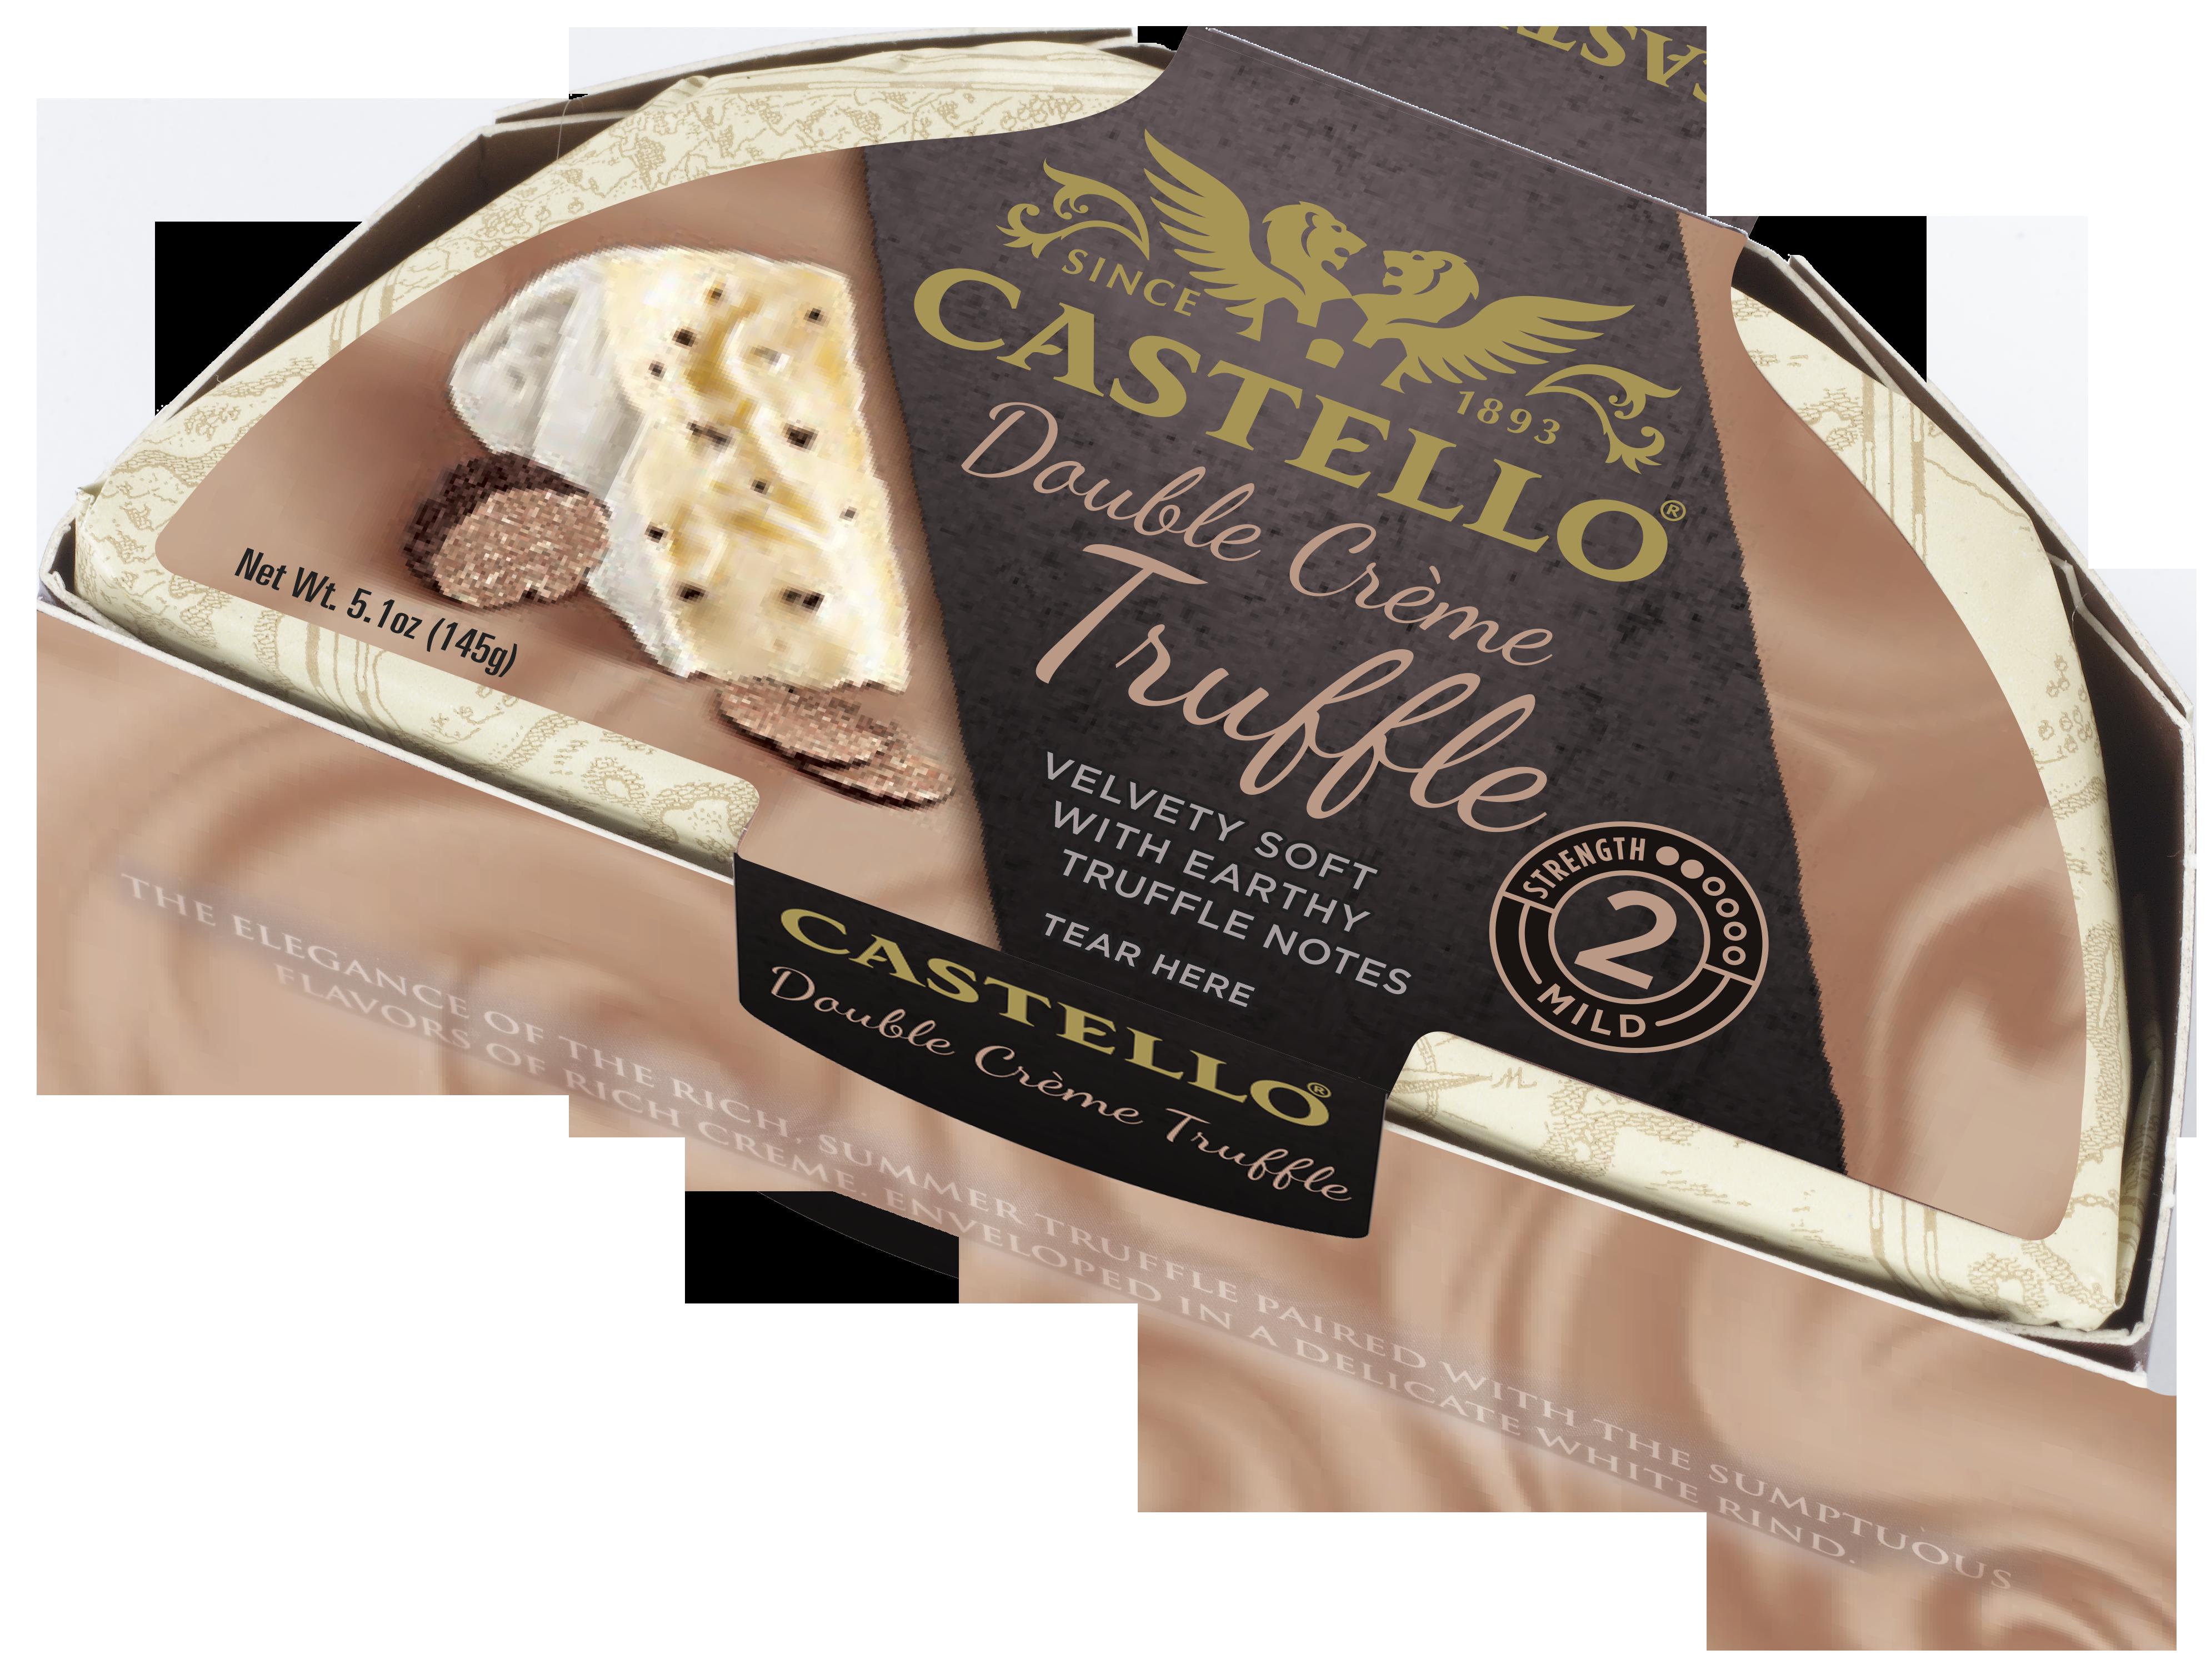 Castello® Double Crème Truffle